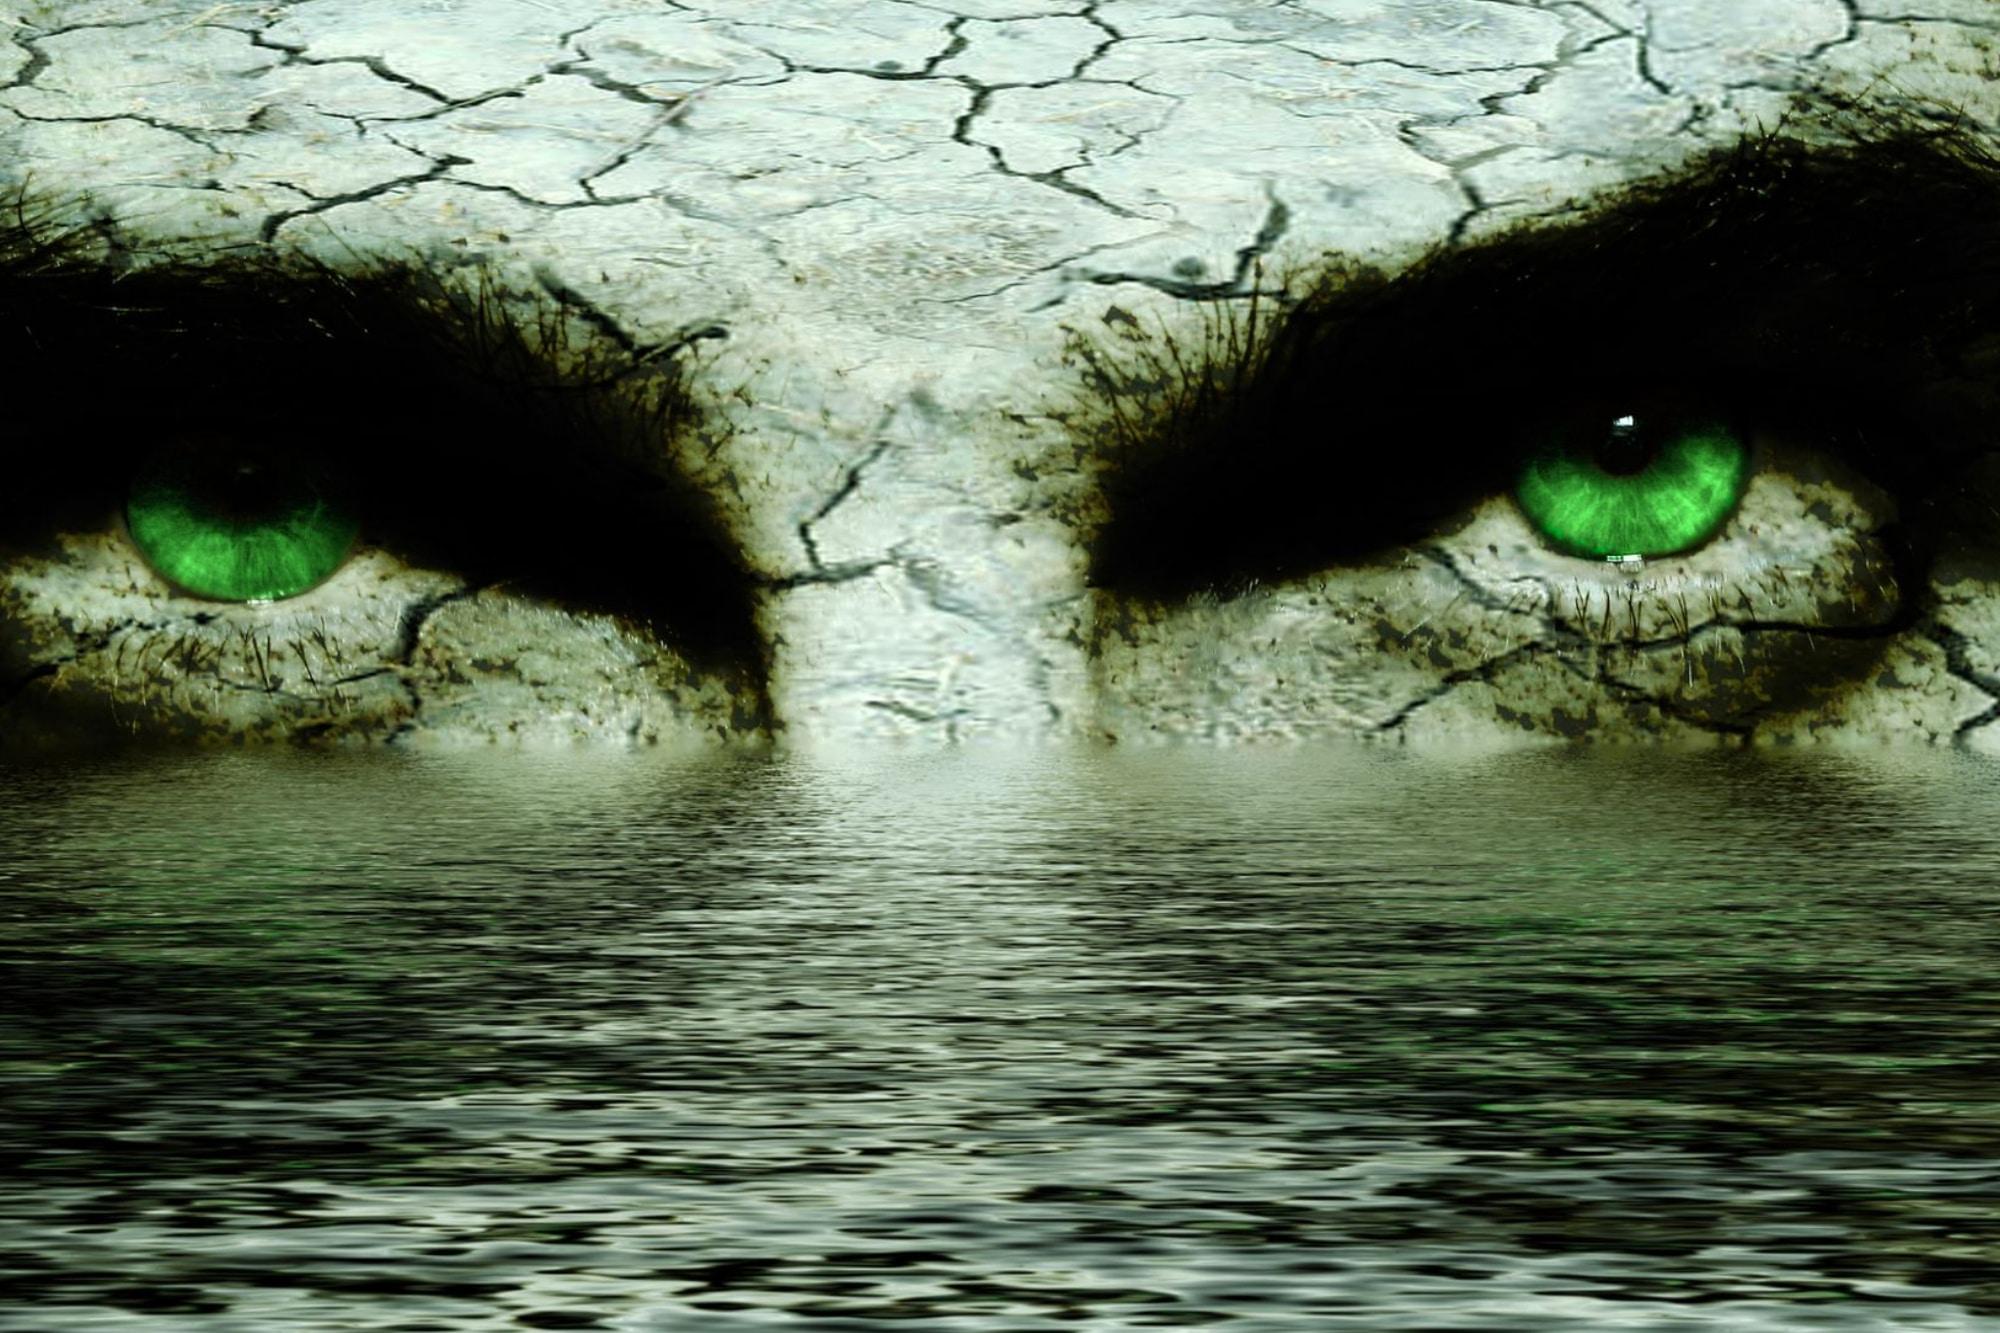 יובש בעיניים לאחר ניתוח לייזר – אופטיקה יפעת אופטומטריסטית מוסמכת